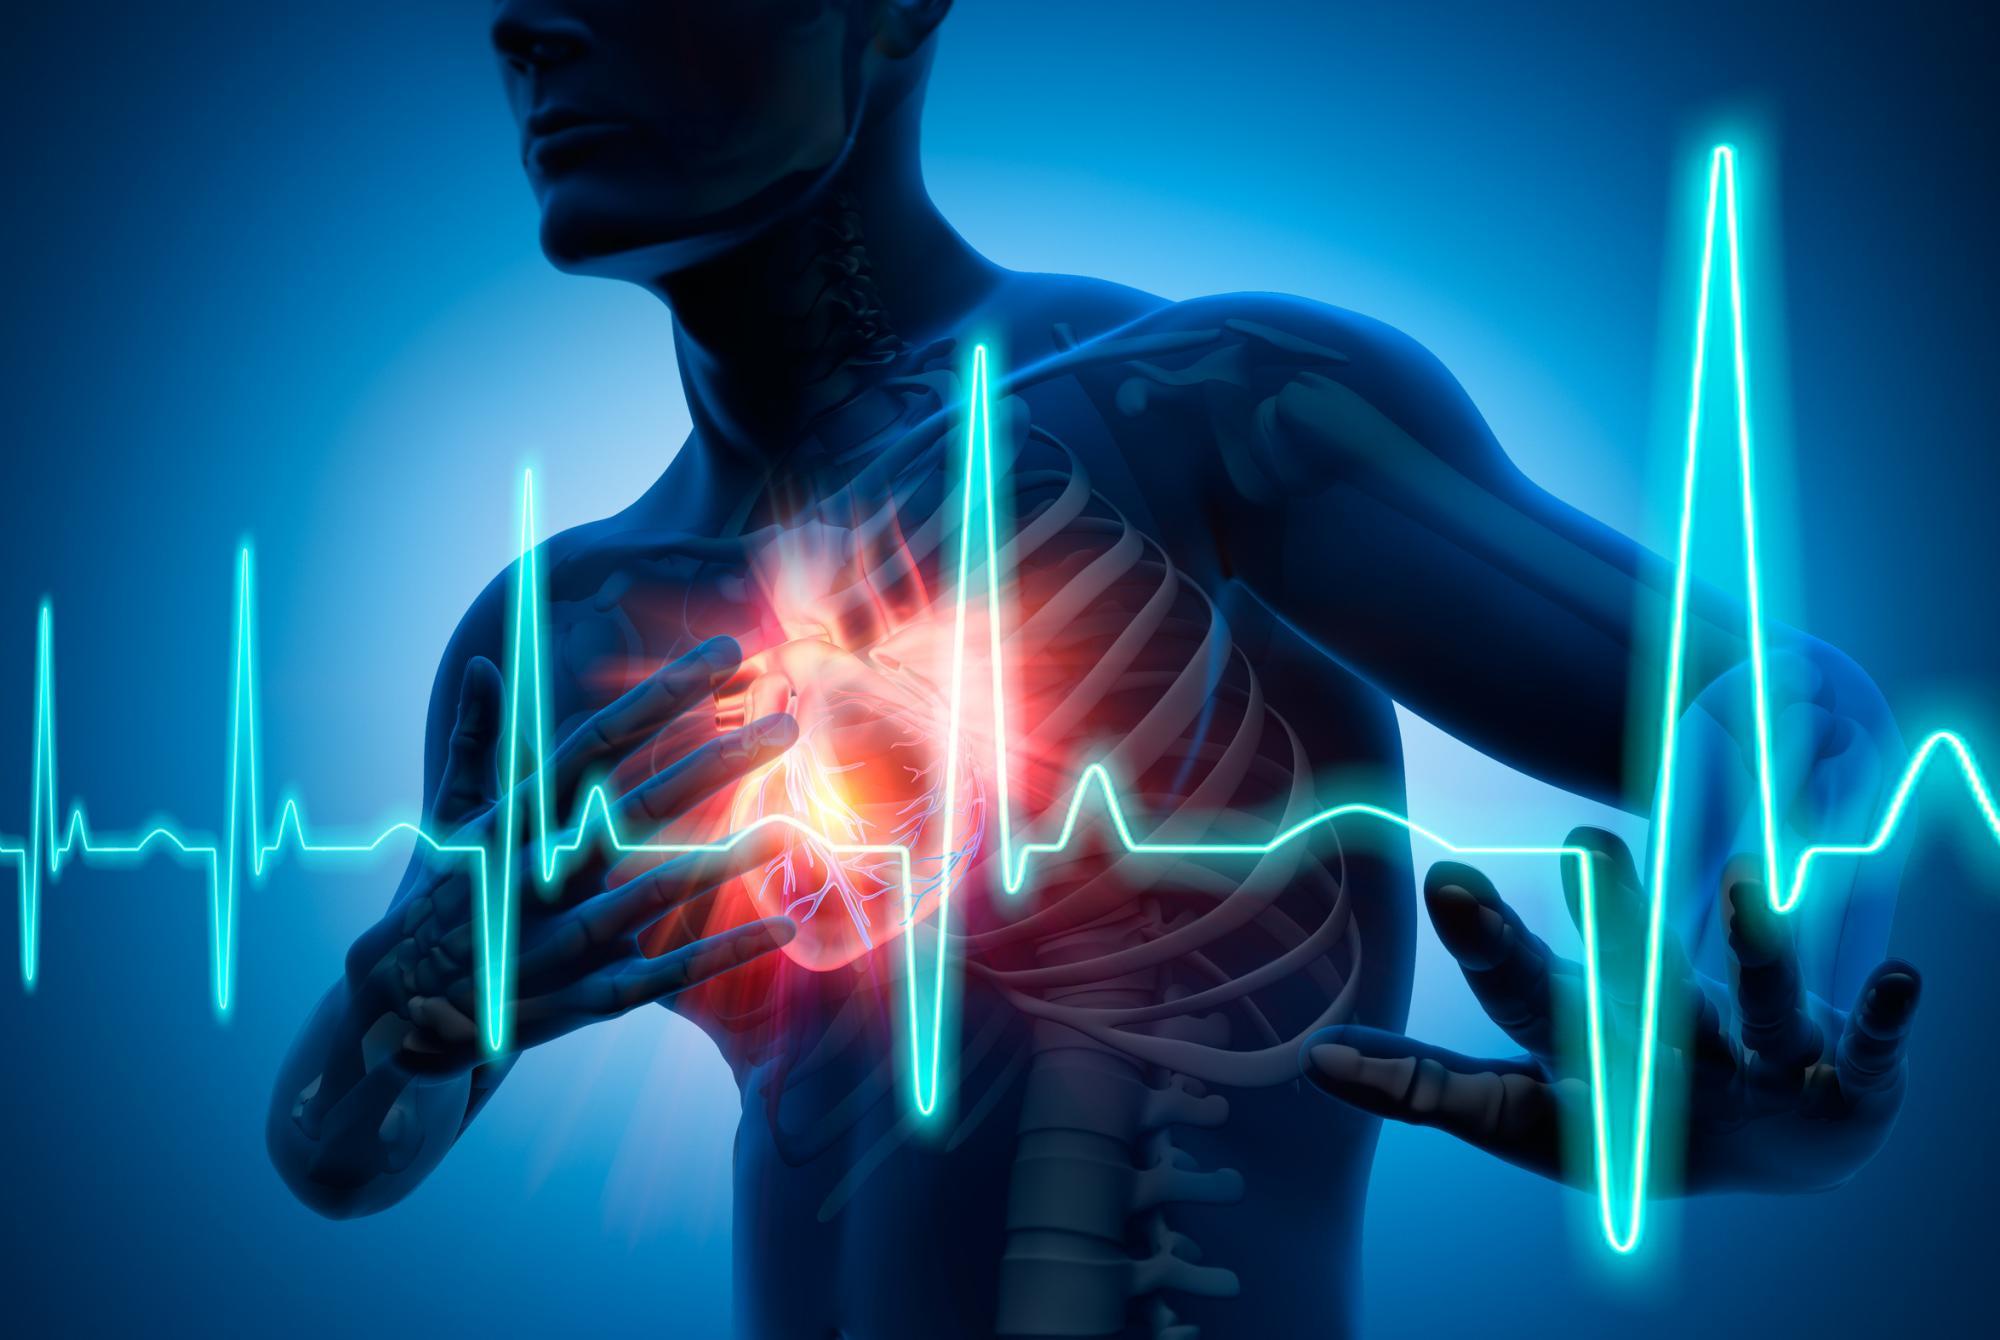 Les 10 règles d'or pour prévenir les accidents cardiaques lors du sport